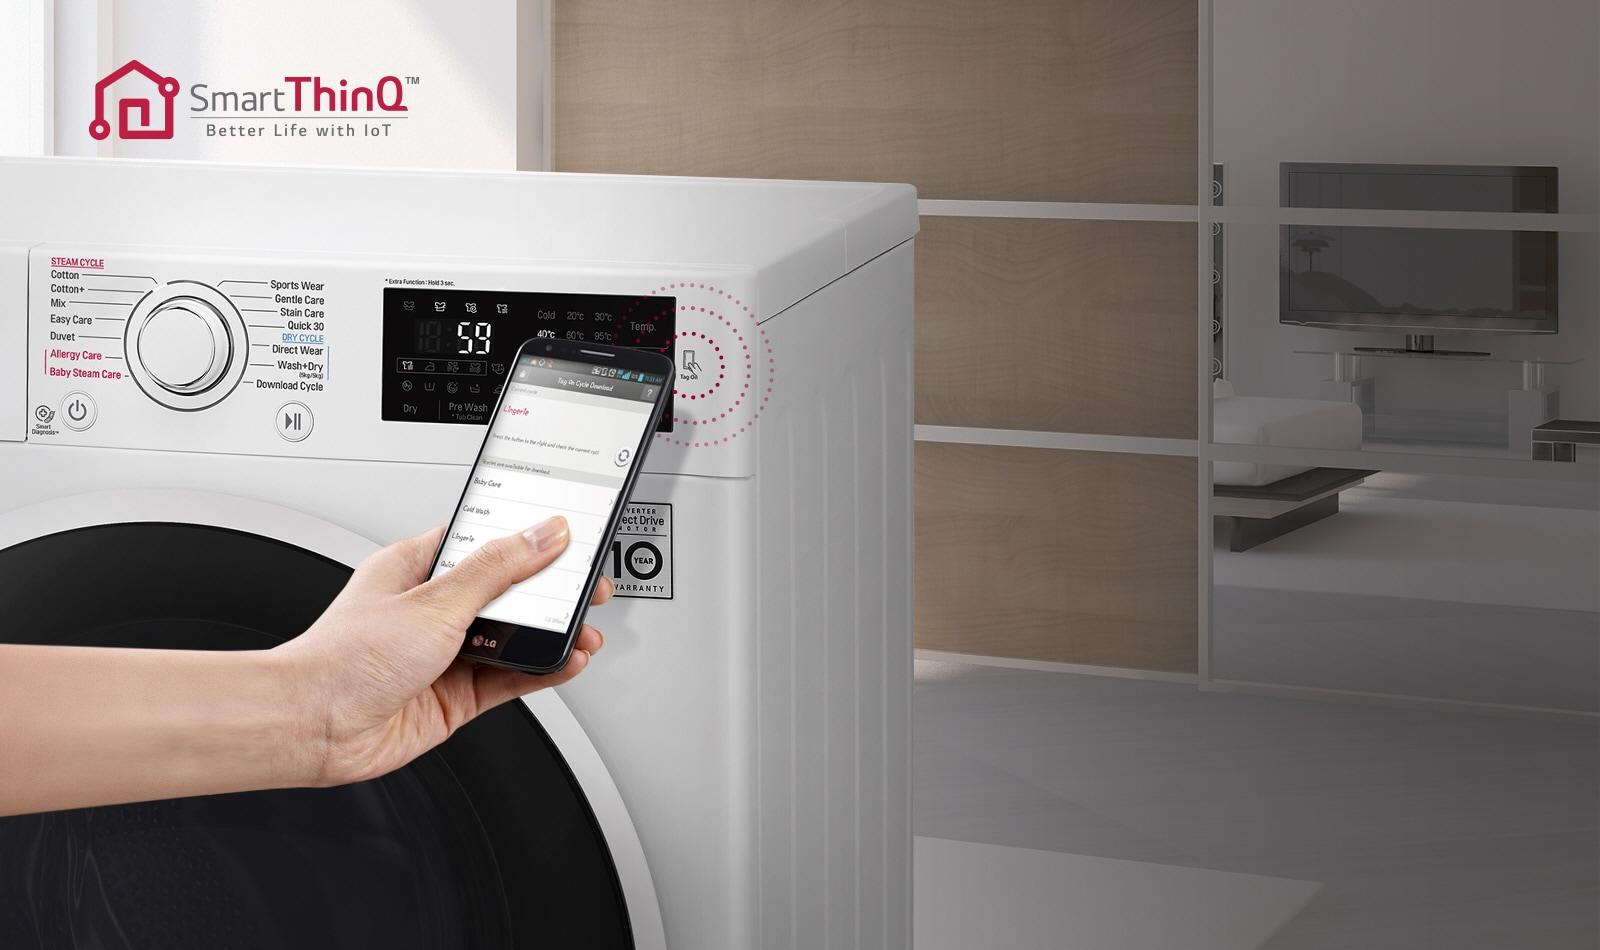 Smart-functionaliteit met NFC